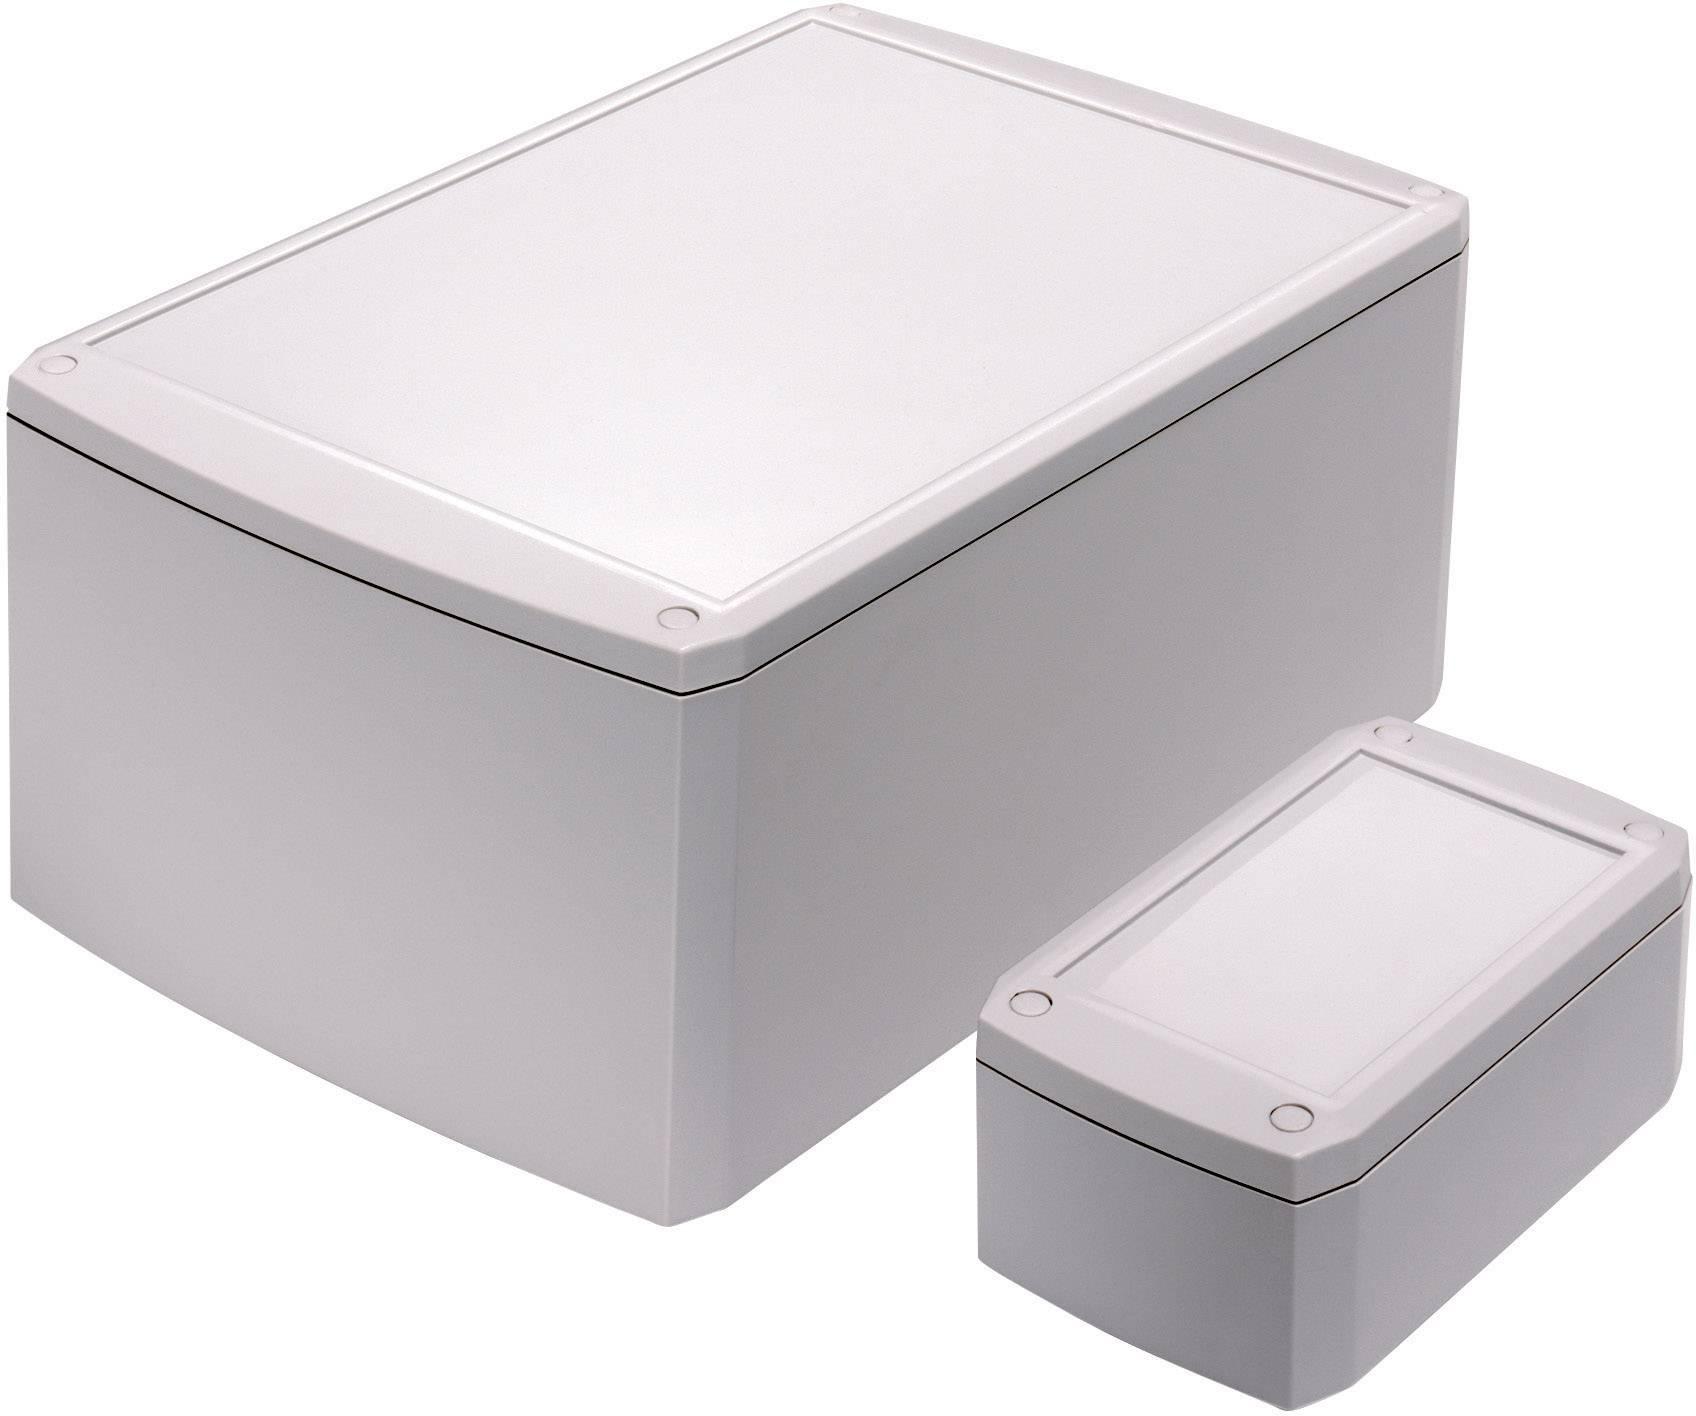 Univerzální pouzdro ABS Axxatronic, (d x š x v) 110 x 60 x 40 mm, šedá